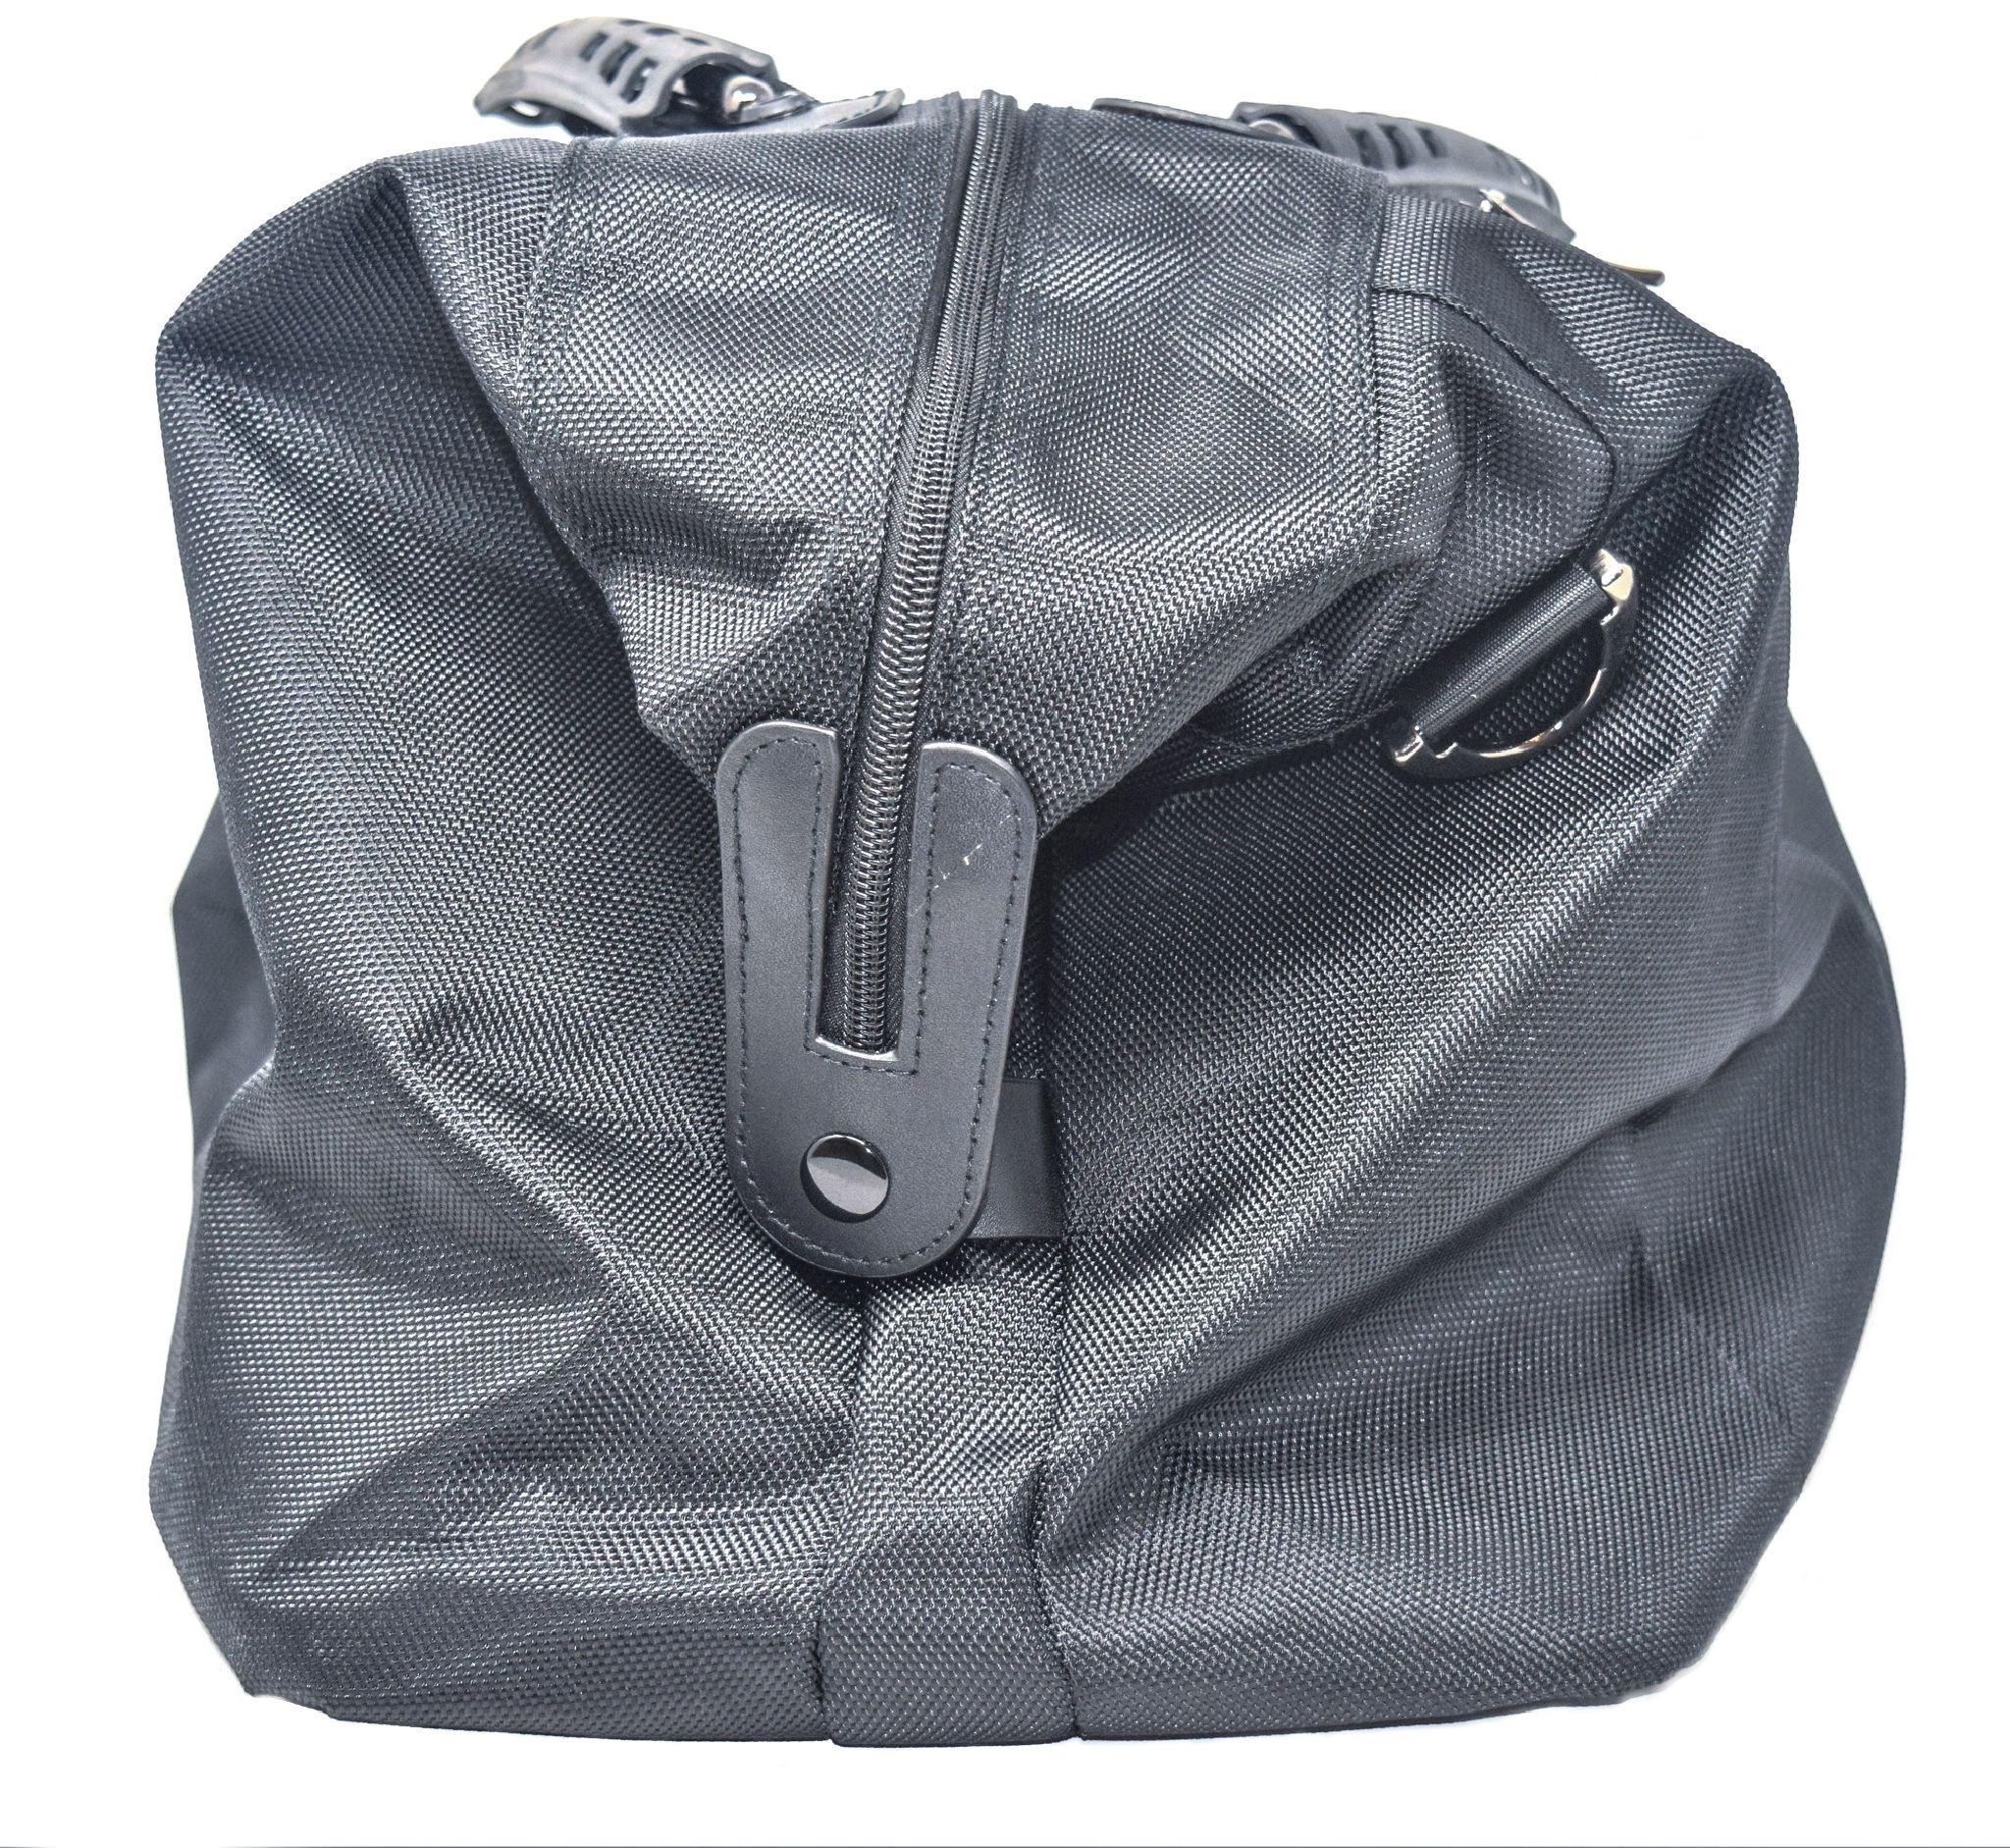 BC Interlock Berea College Duffel Bag-2